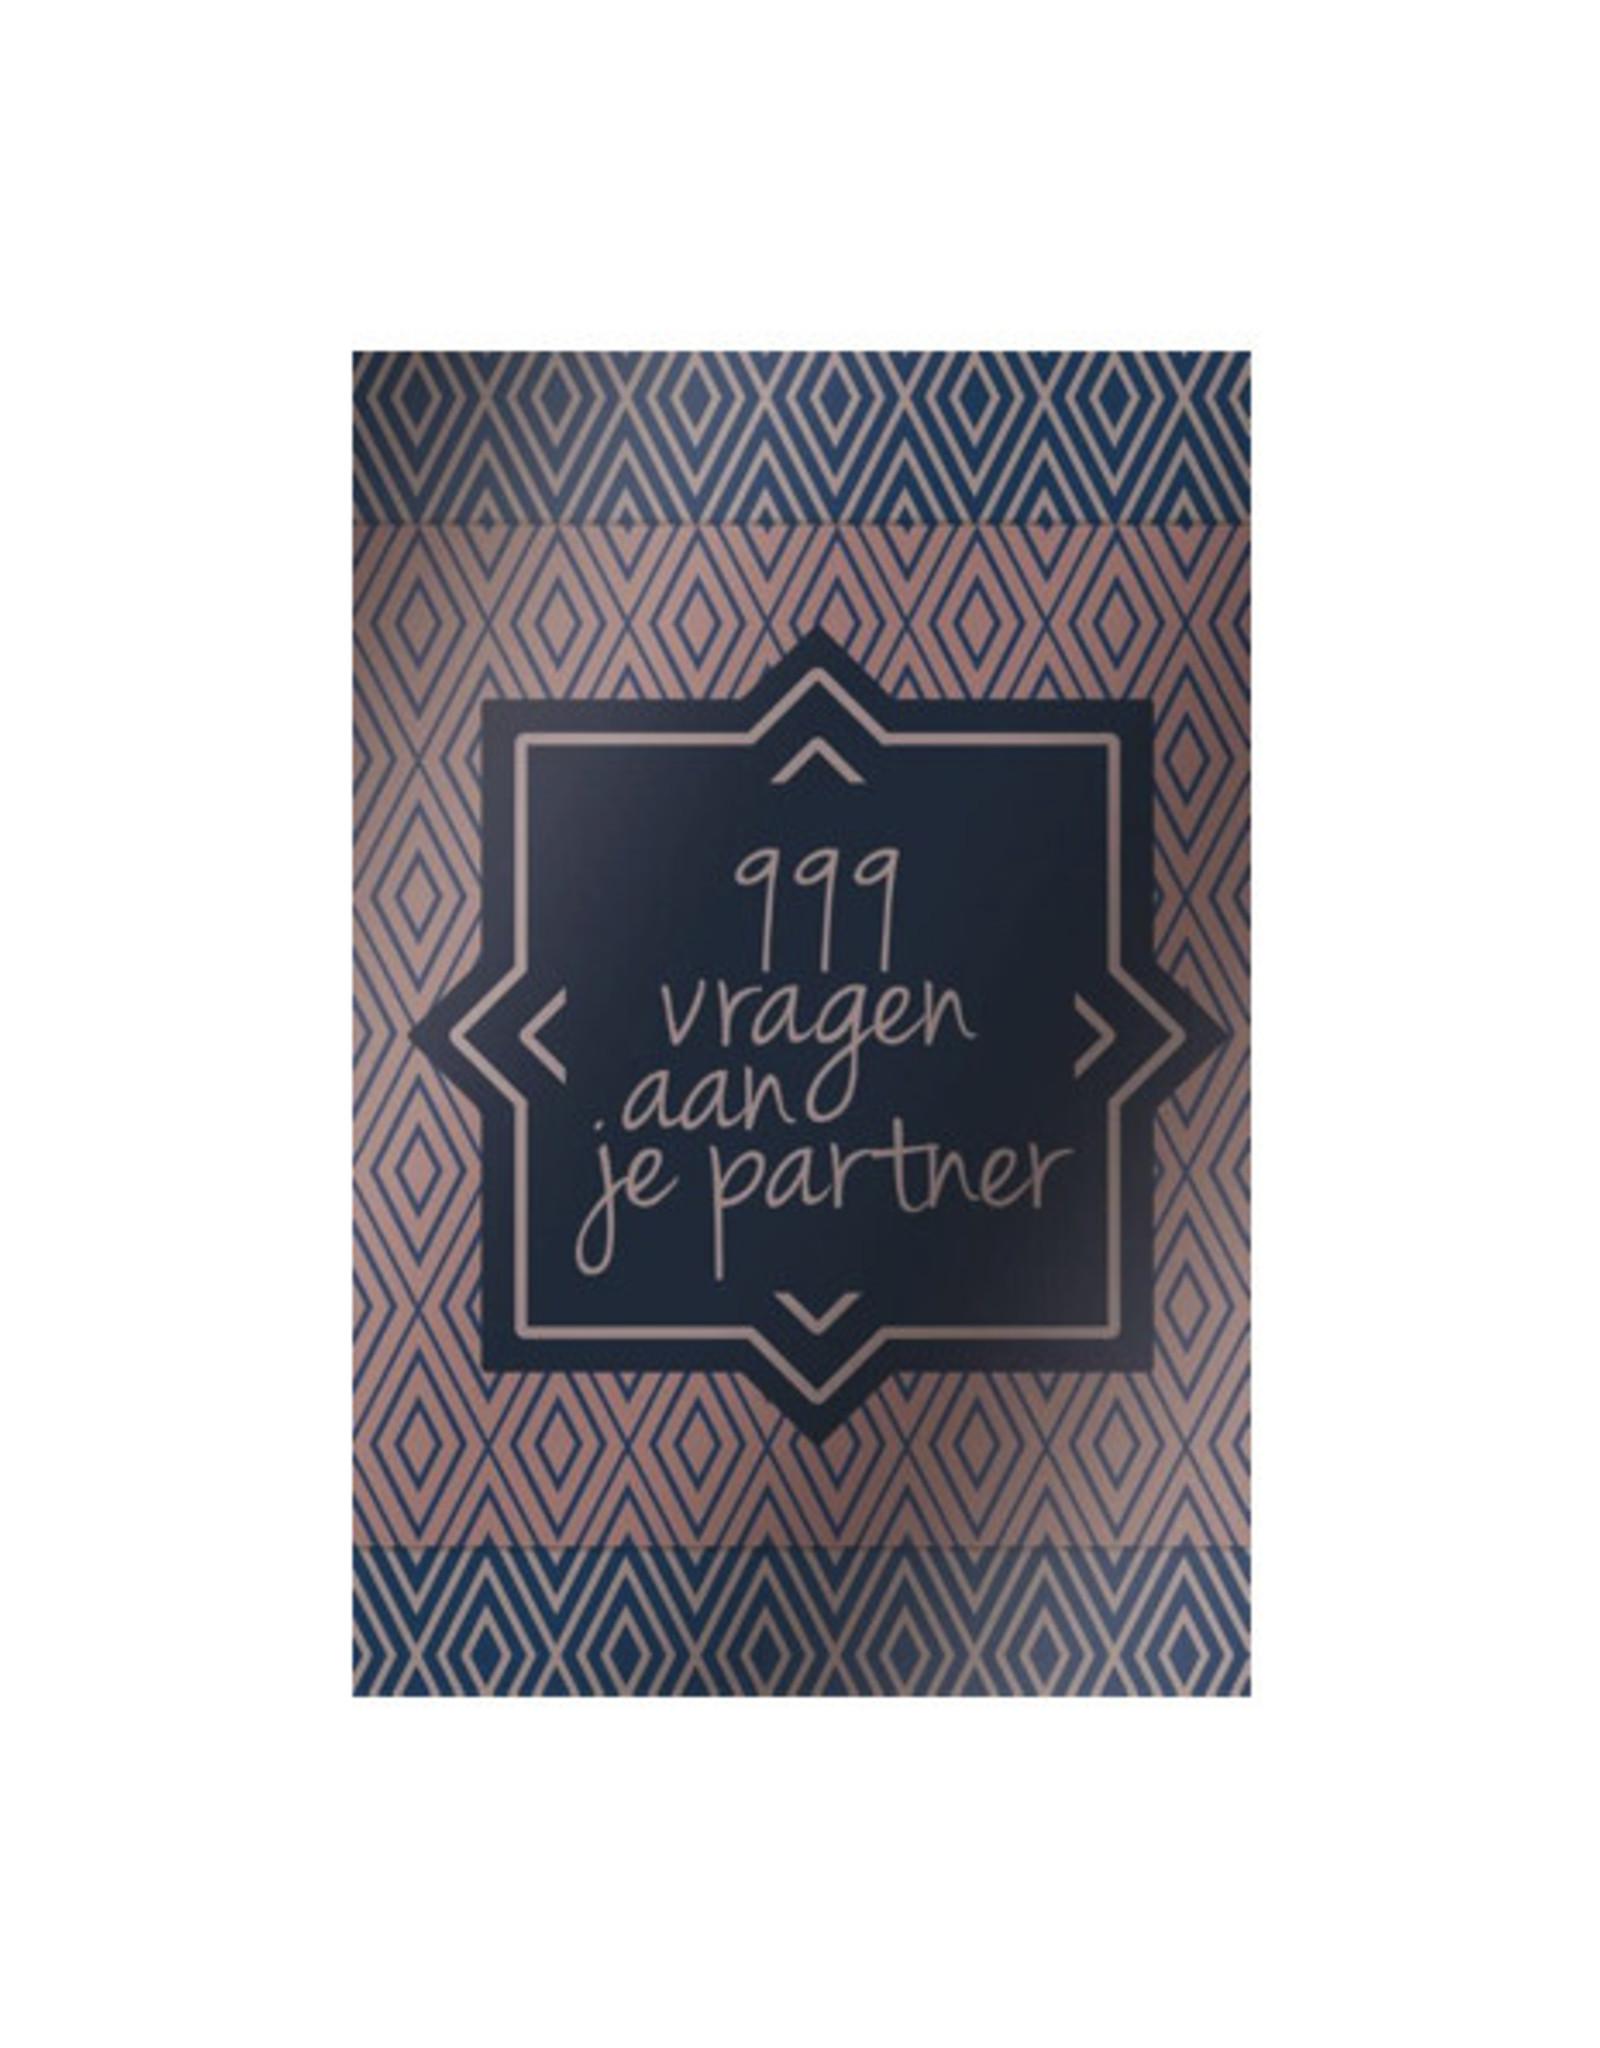 book - 999 vragen aan je partner